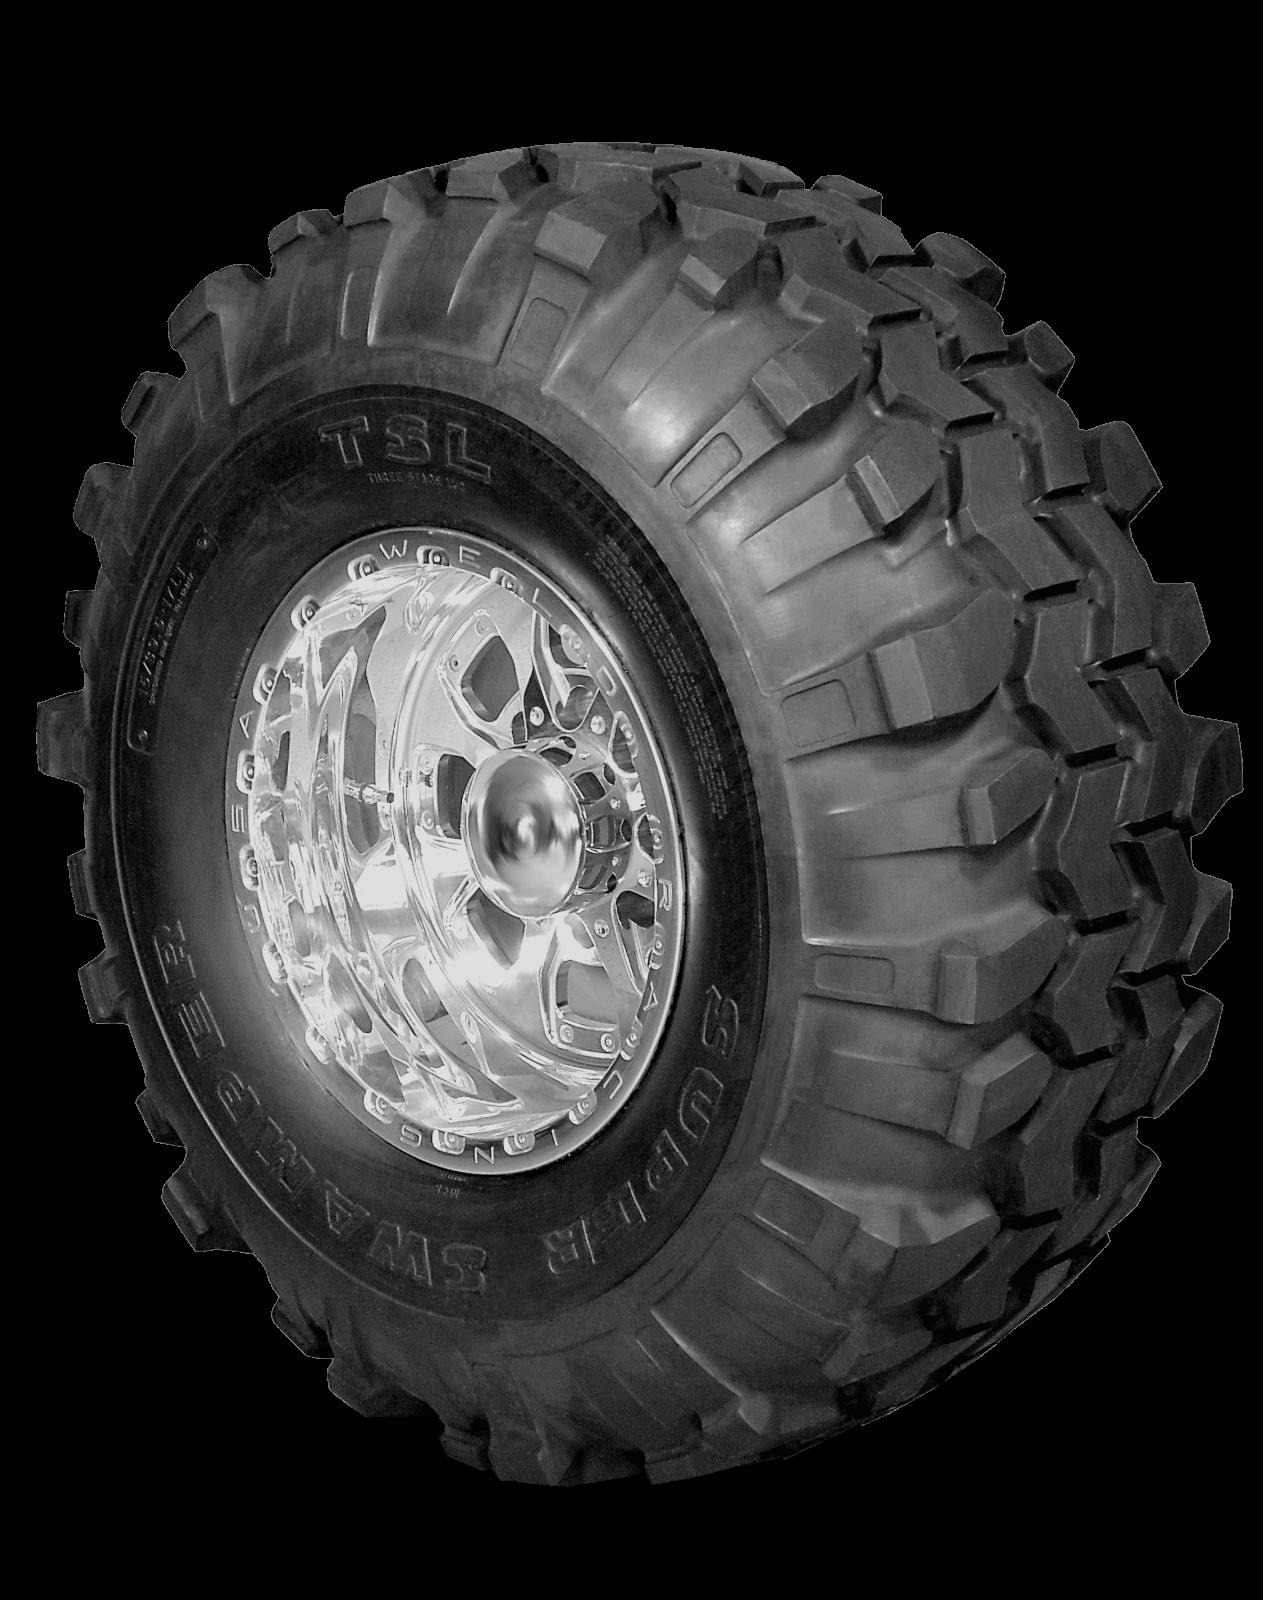 Interco Tires SAM-24 Super Swamper TSL - BIAS 42x15/16.5LT